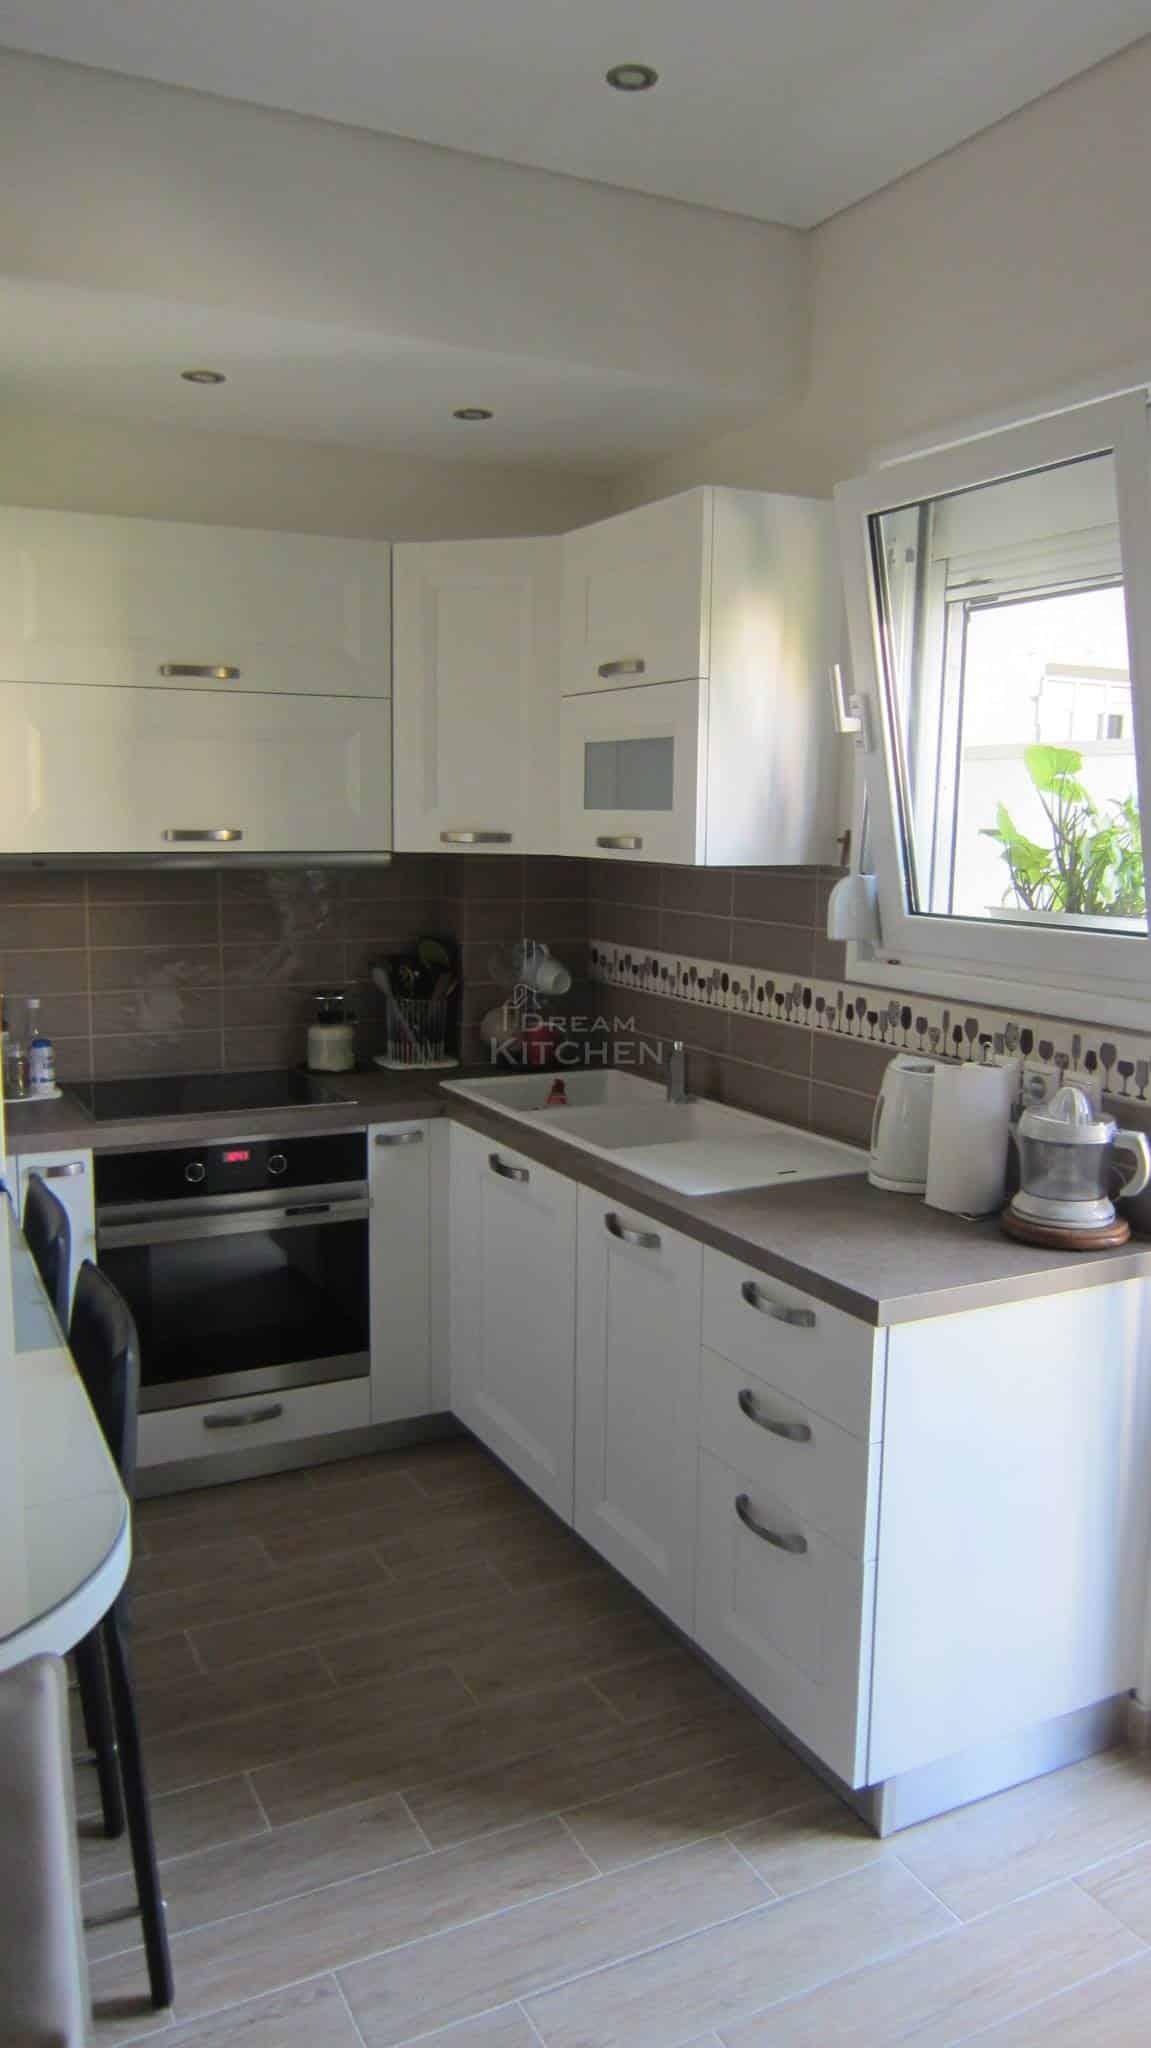 Κουζινα Πολυμερικο σε λευκο χρωματισμο 8